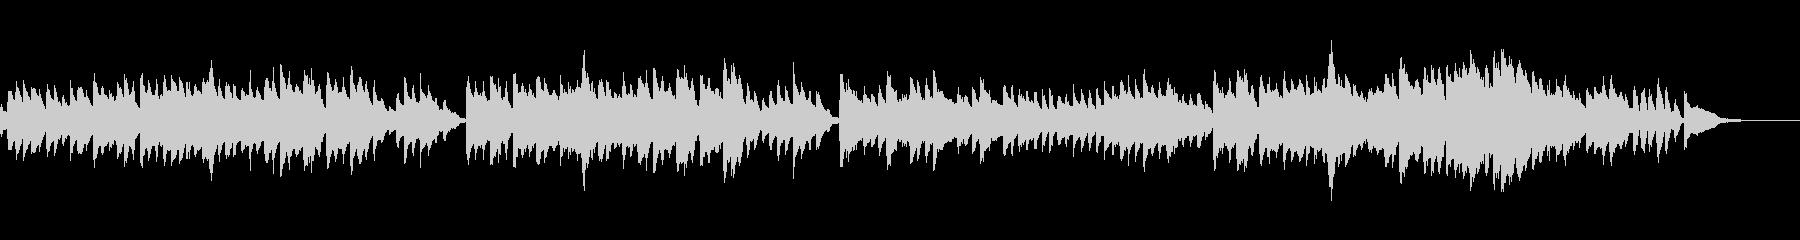 ピアノ練習曲/ブルグミュラー牧歌の未再生の波形